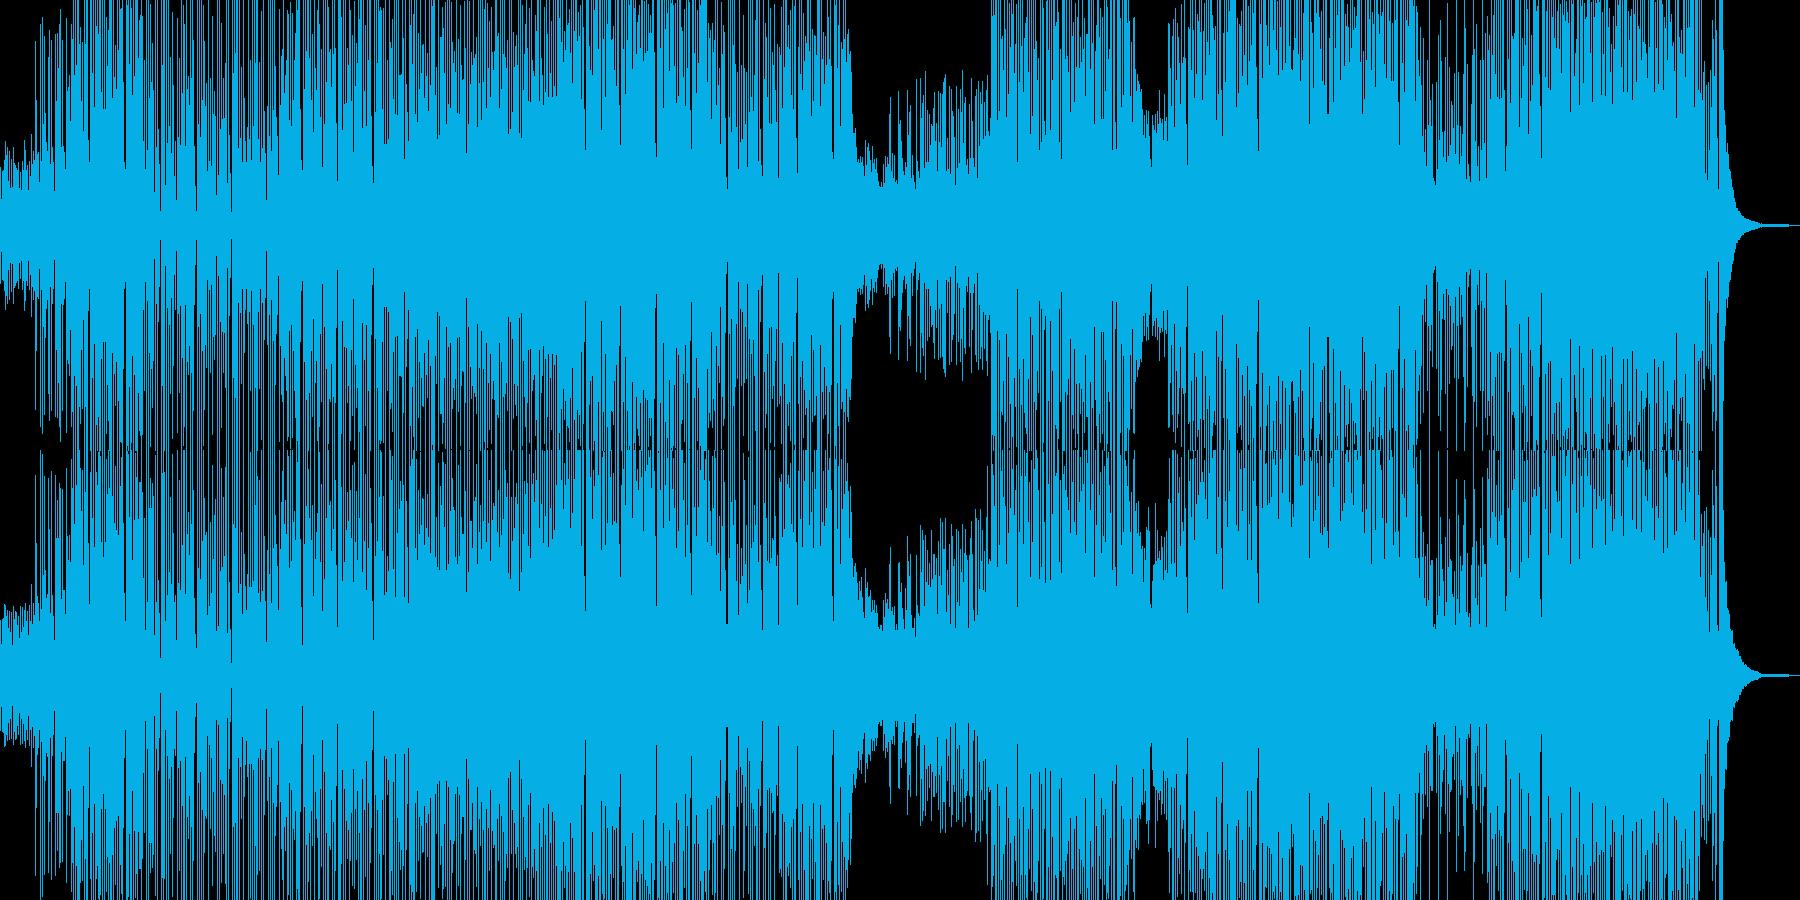 カラフルでユメカワなピコピコポップス Bの再生済みの波形